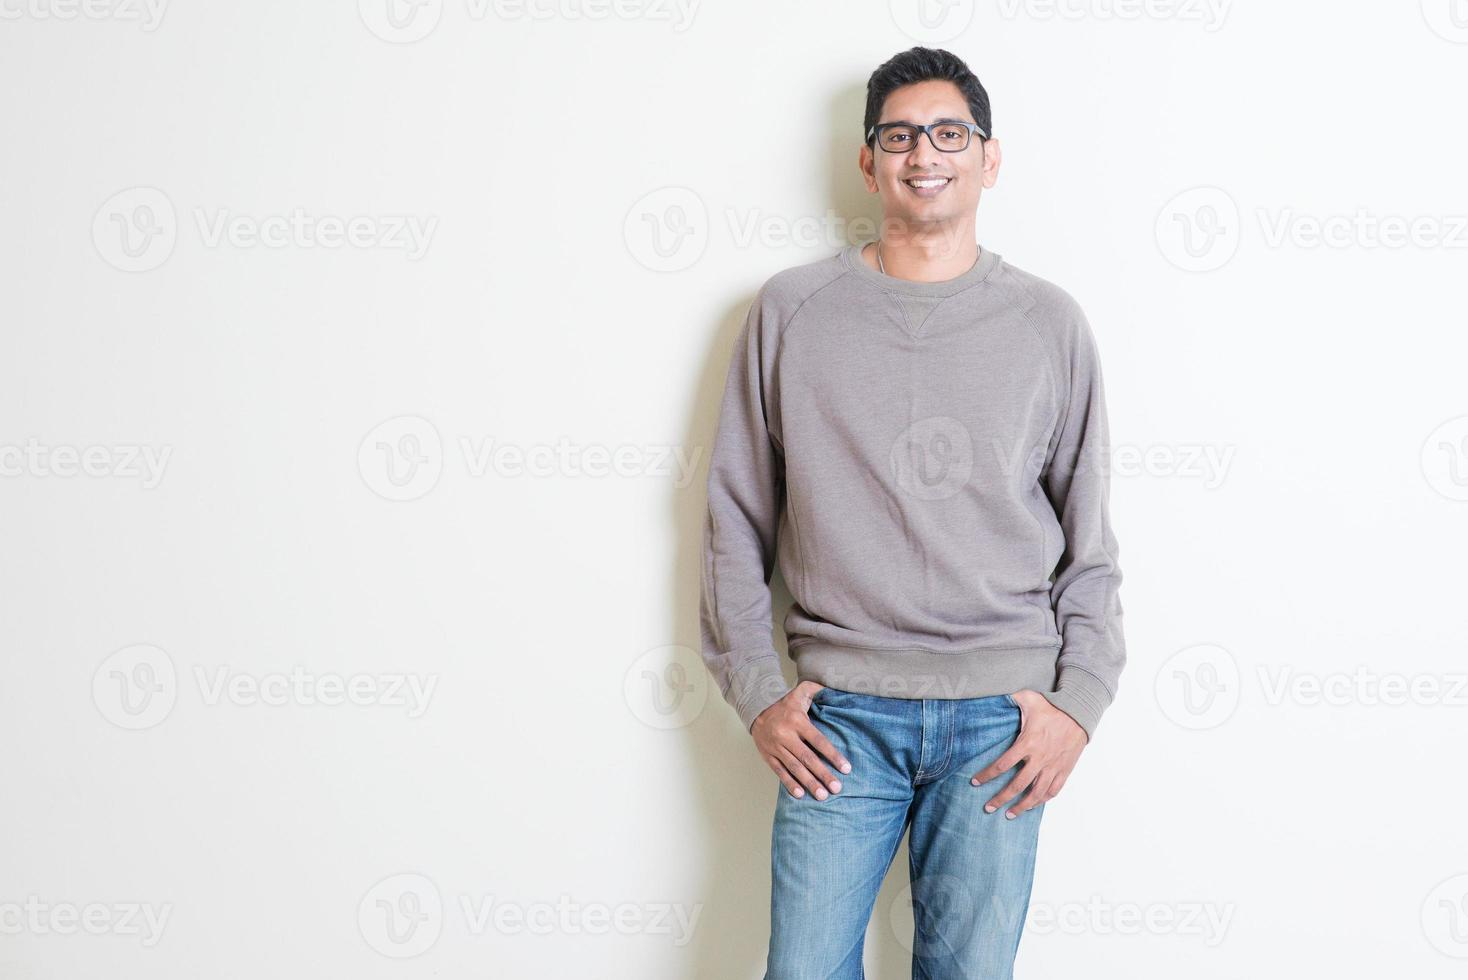 retrato masculino indiano casual foto